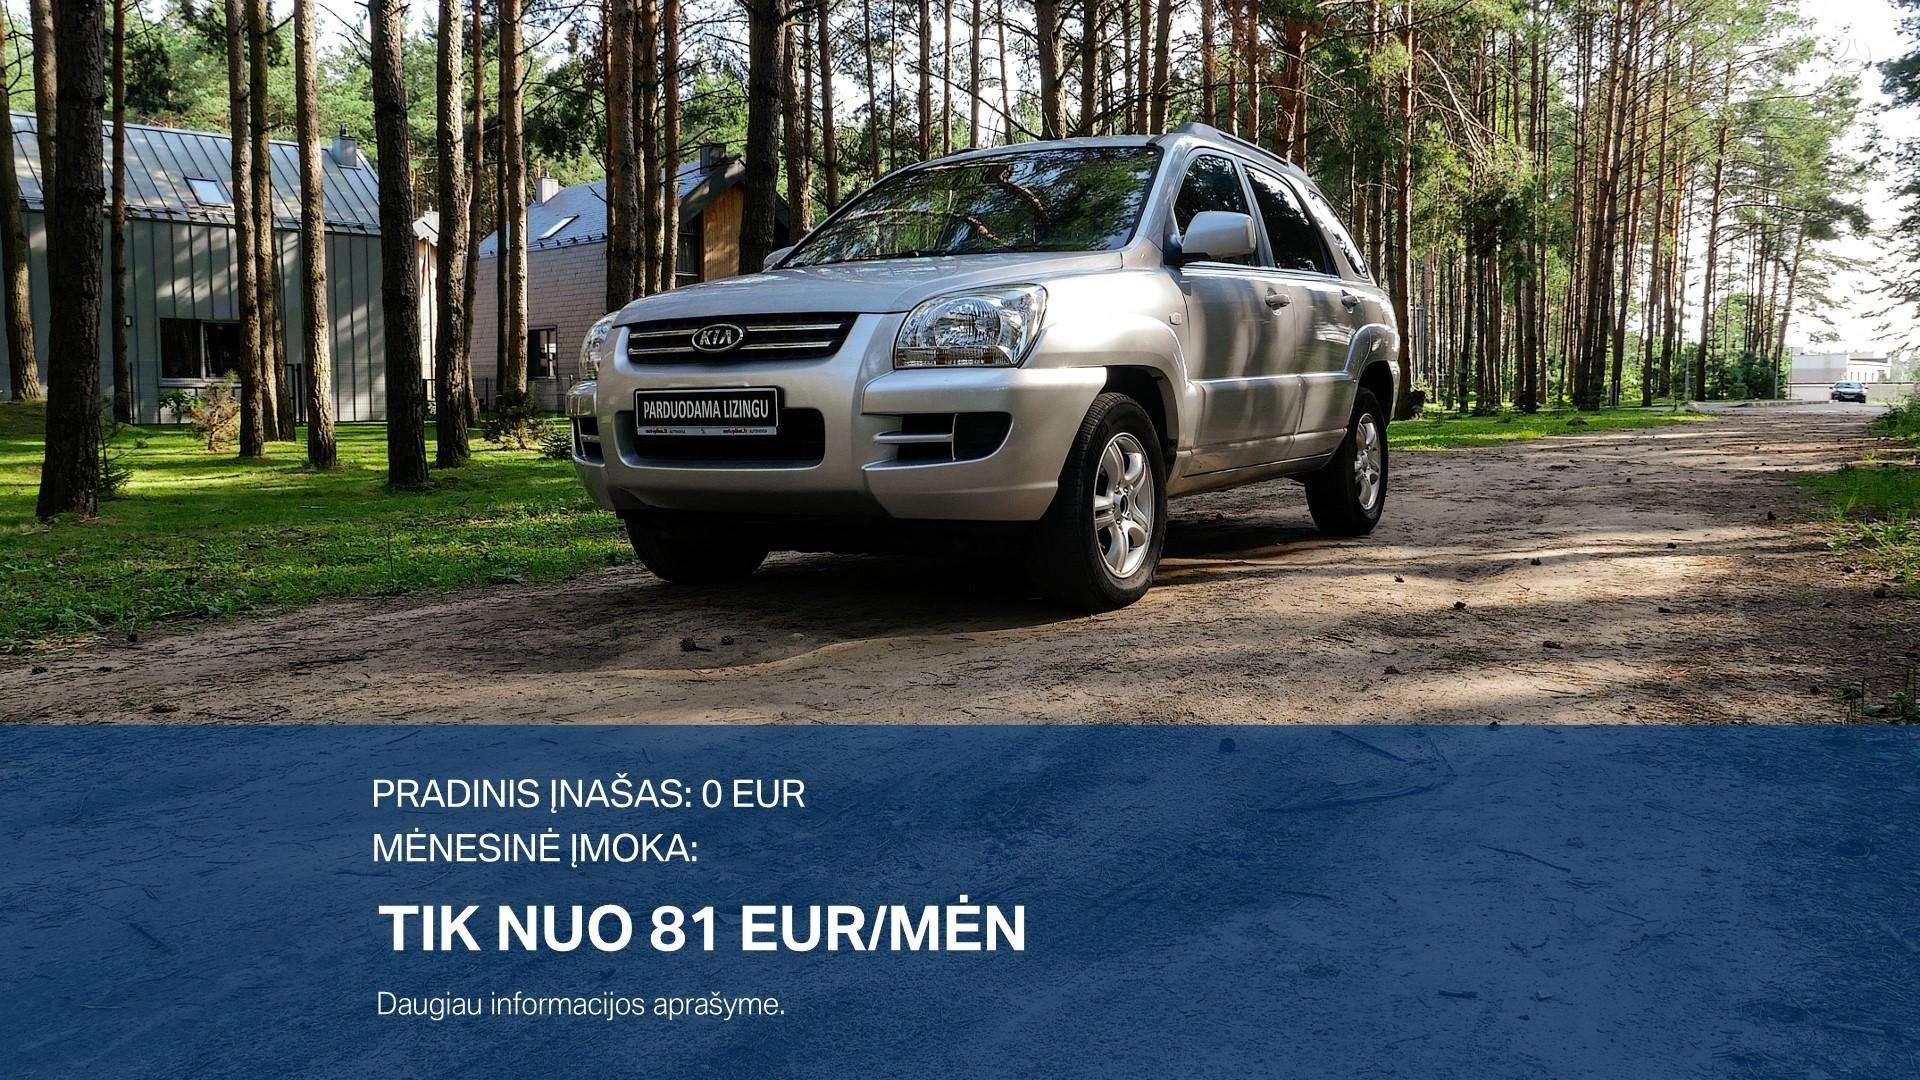 Kia Sportage Išsimokėtinai nuo 81Eur/Mėn su 3 mėnesių garantija